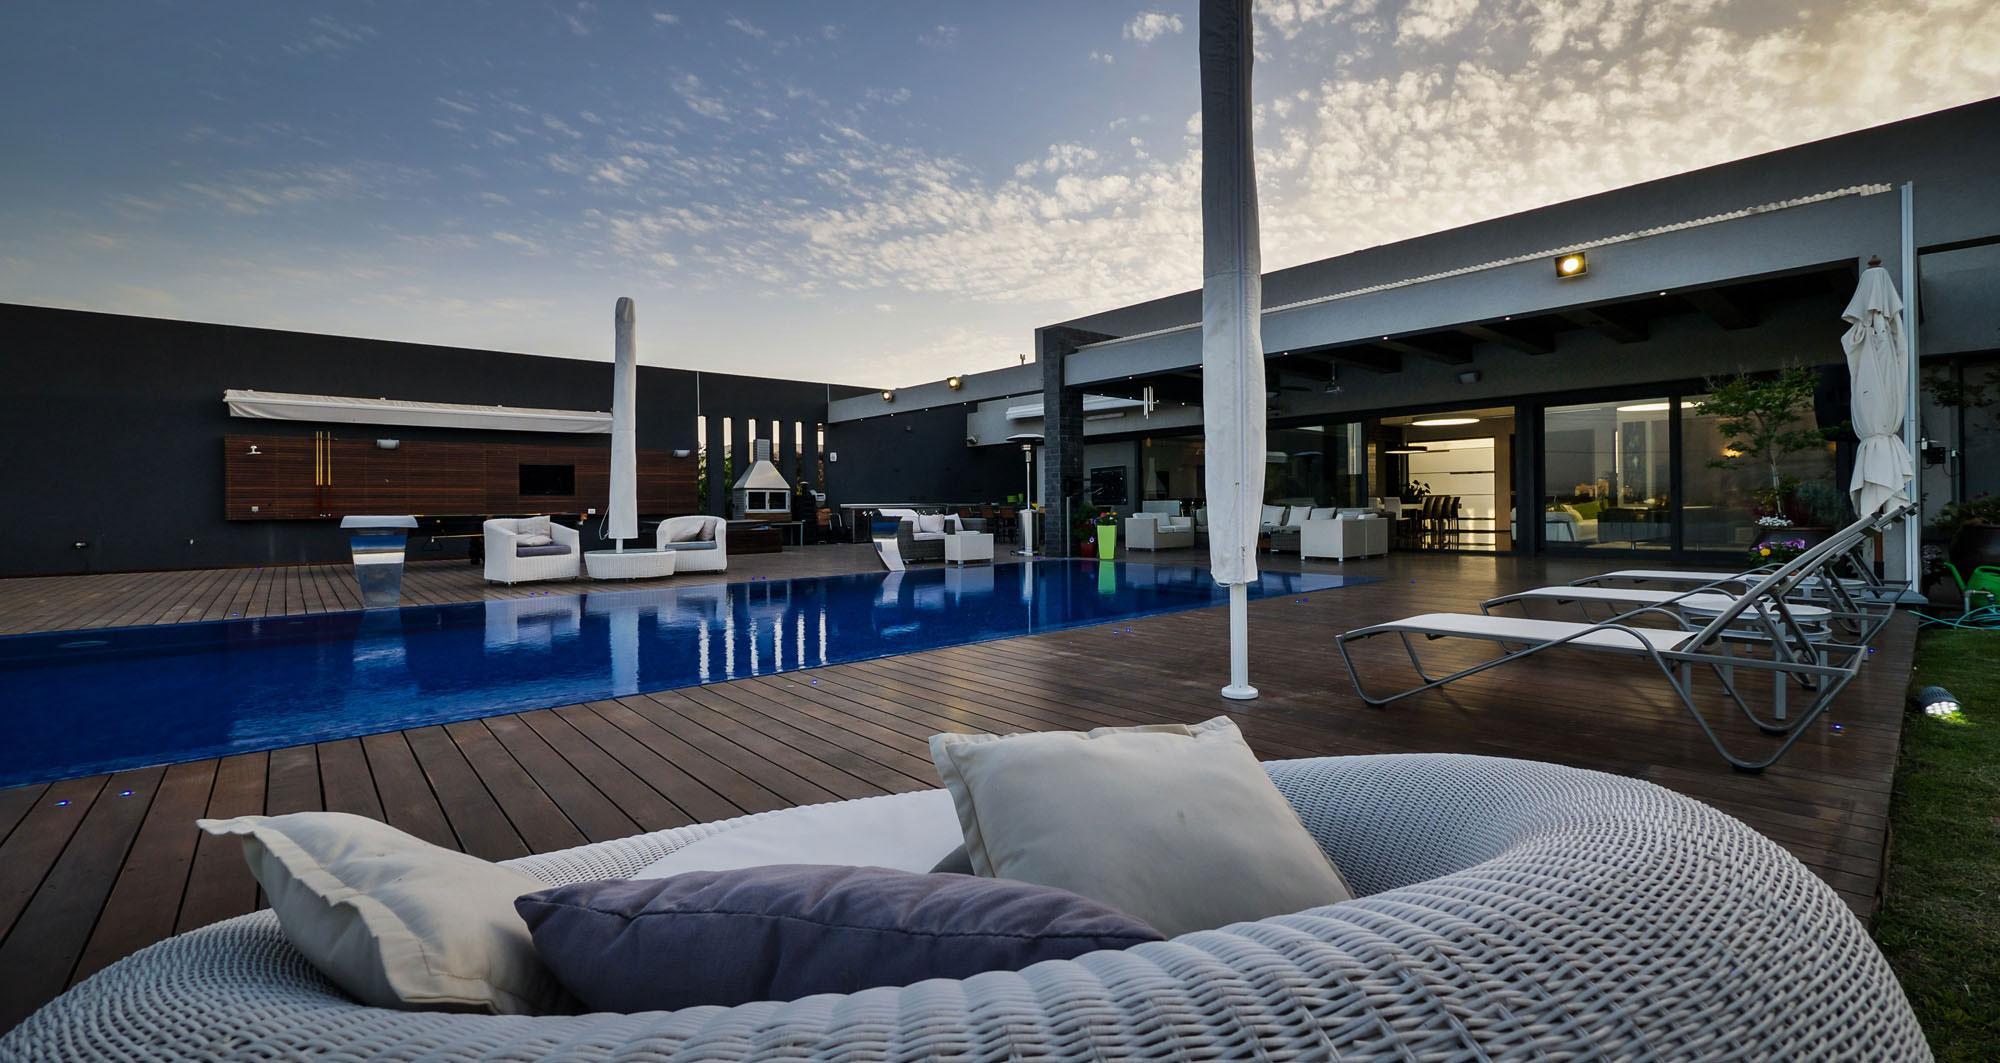 Lyxig-villa-med-en-samtida-design-från-Israel-10 Lyxig villa-med-en-samtida-design från Israel